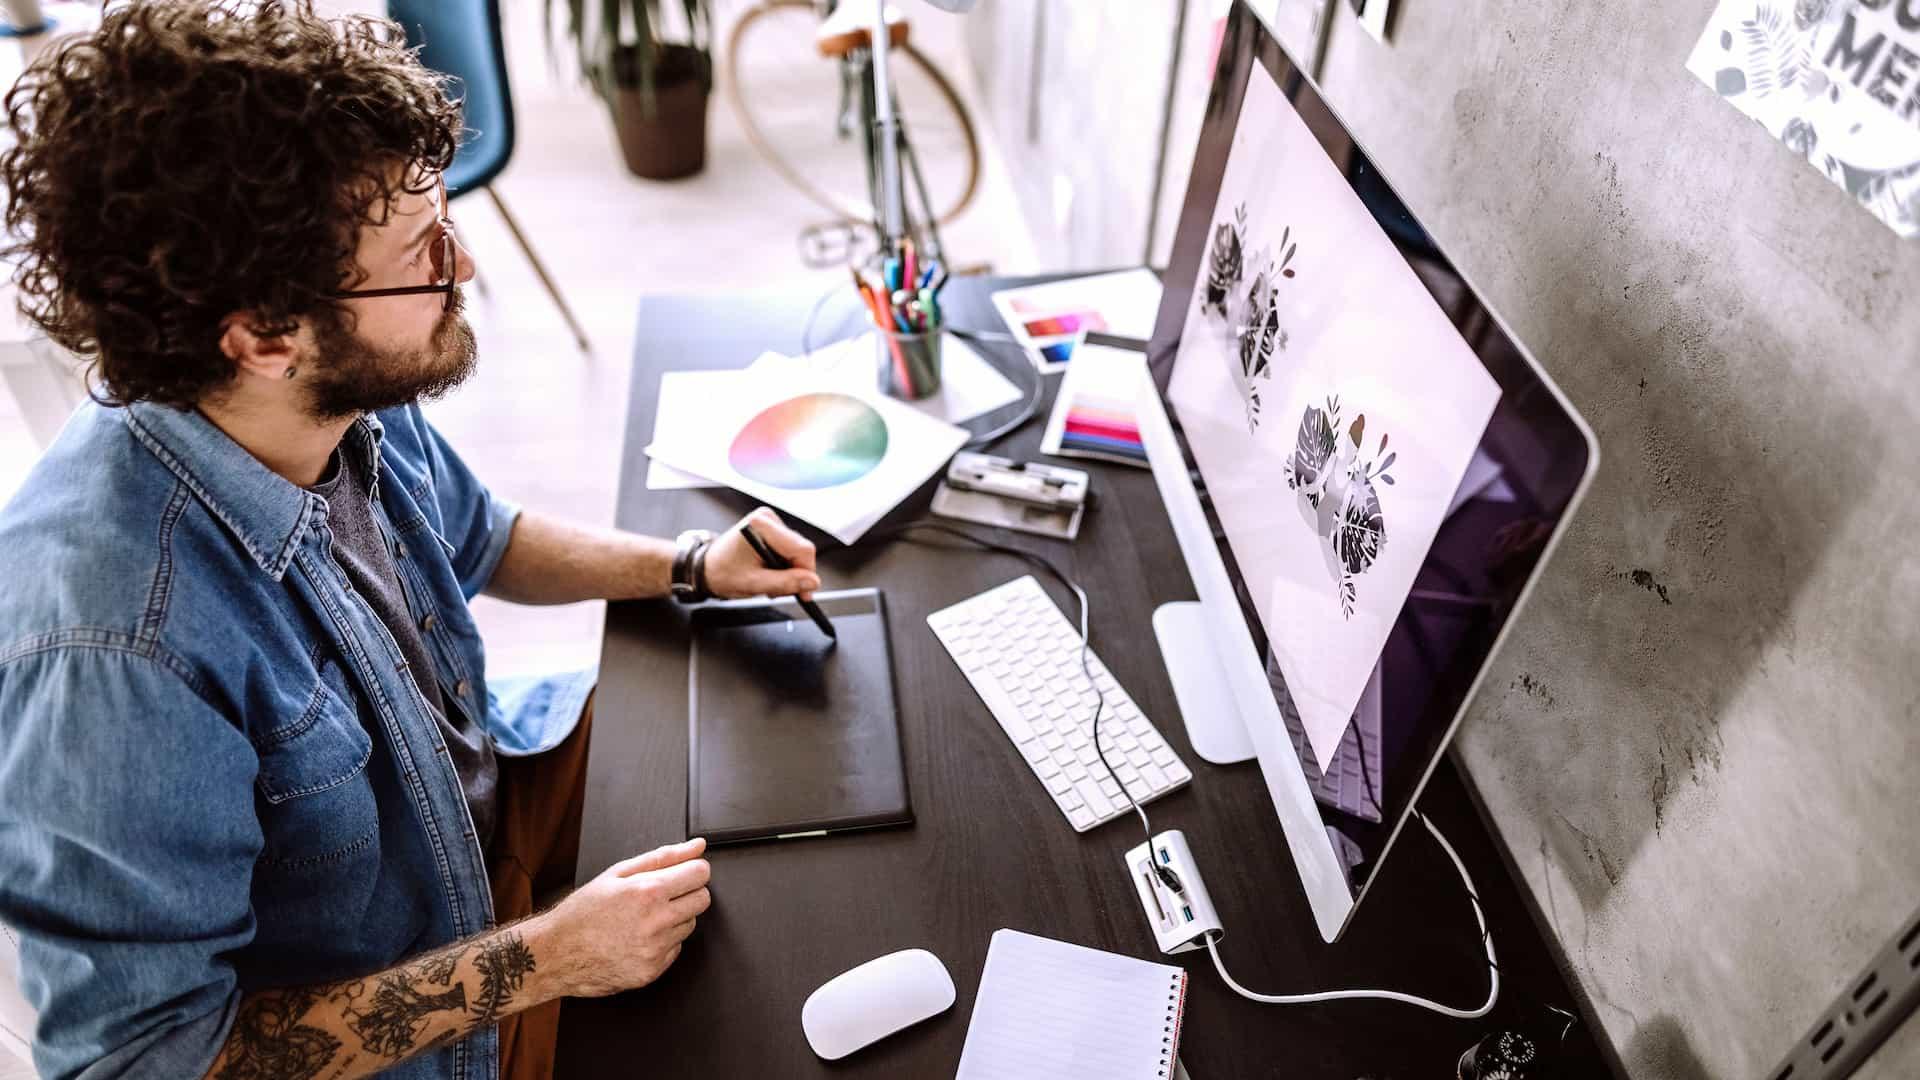 5 errores comunes que cometen los diseñadores (y cómo evitarlos)